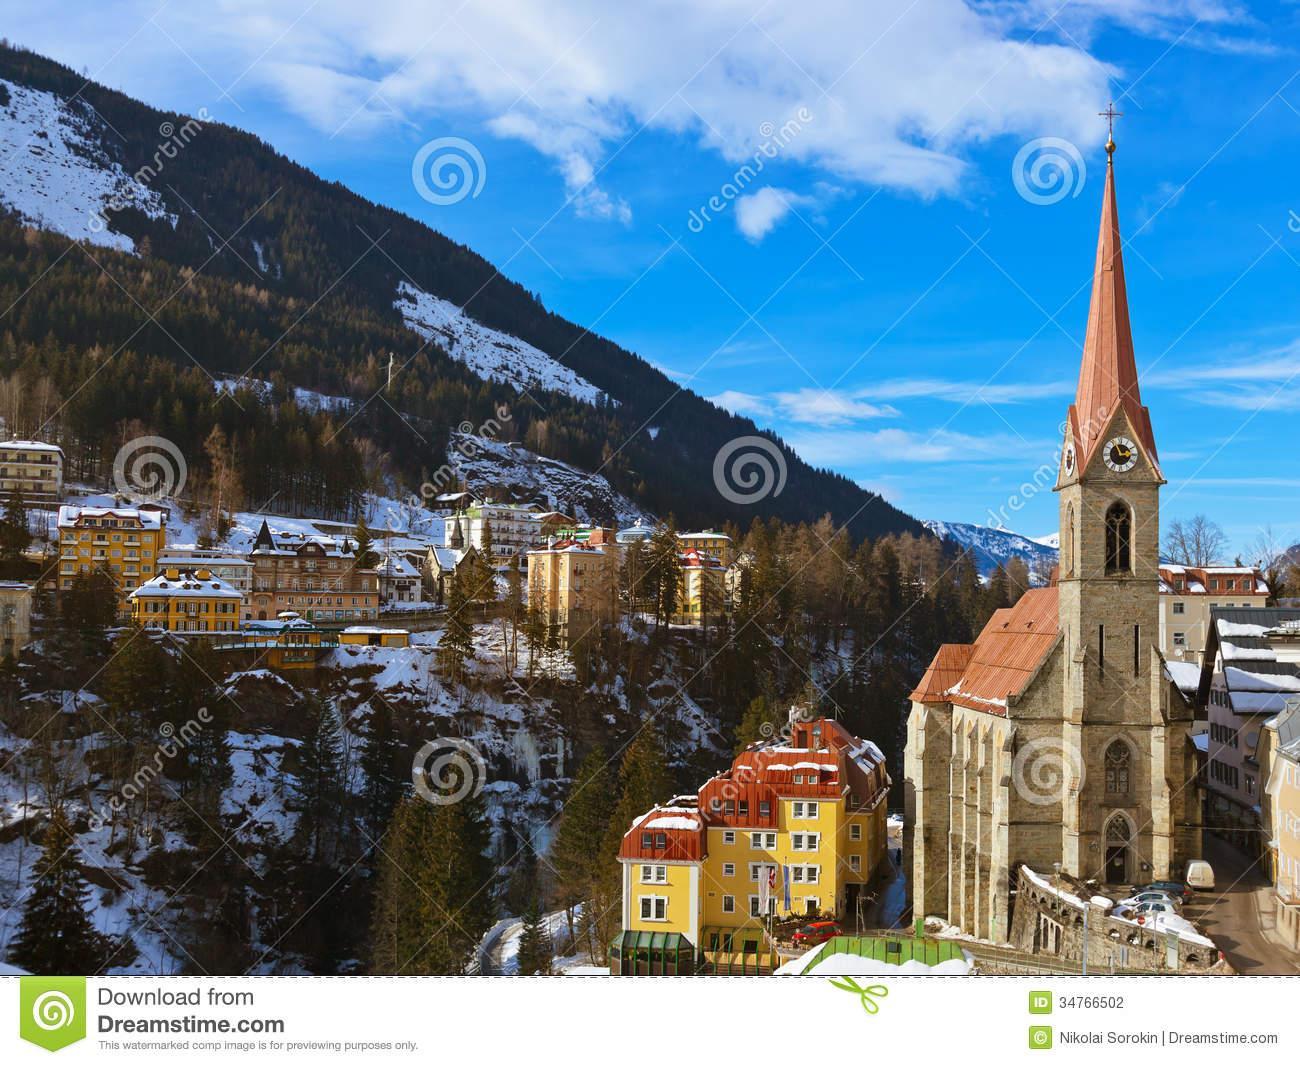 Mountains Ski Resort Bad Gastein Austria Stock Photography.